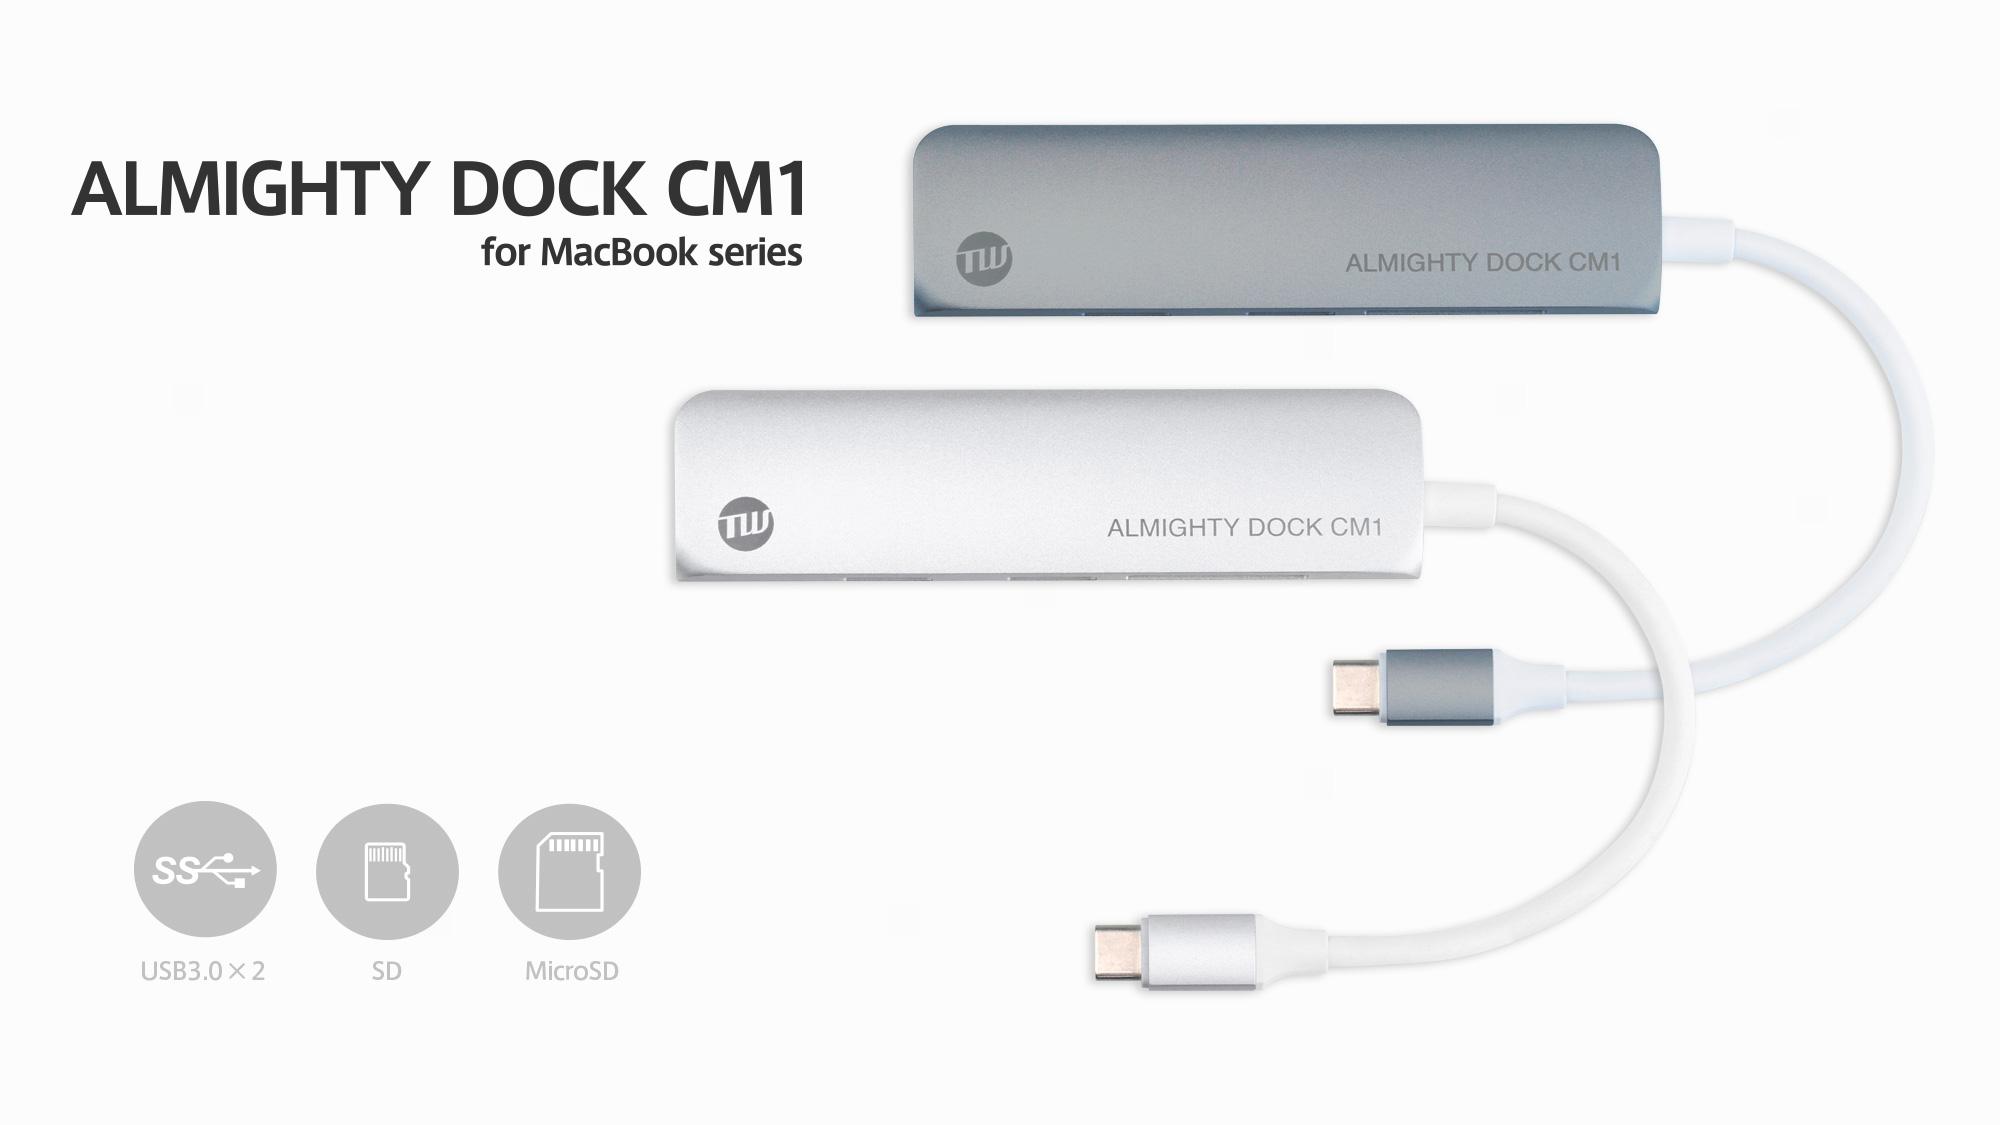 ビジネスシーンの非常事態をサポートする、持ち運び便利なMacBook Pro対応 TUNEWEAR ALMIGHTY DOCK CM1